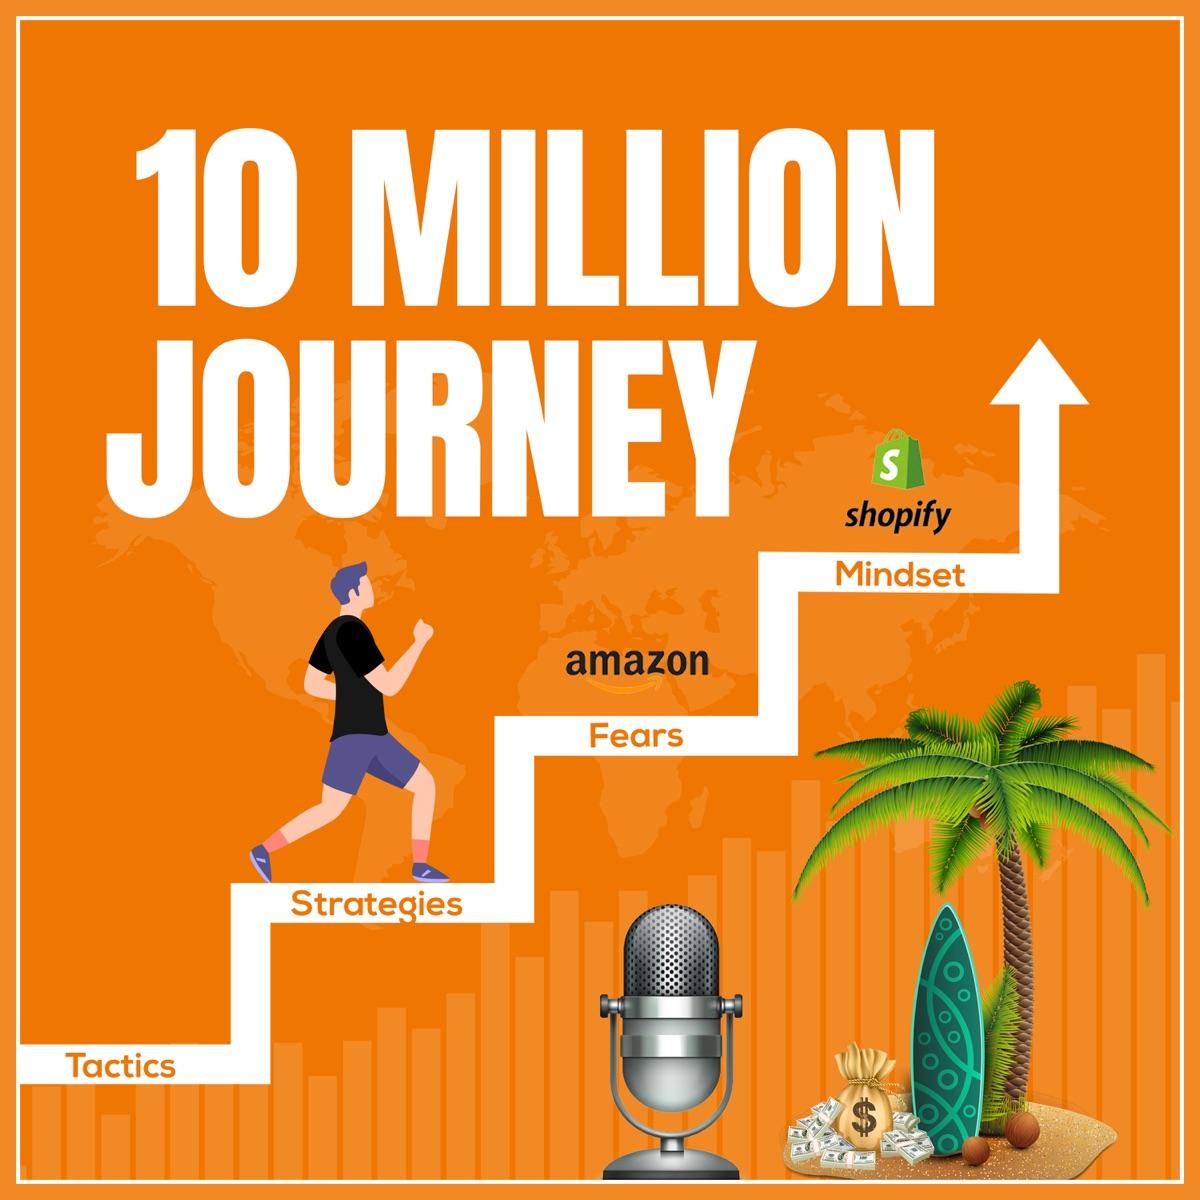 10 Million Journey